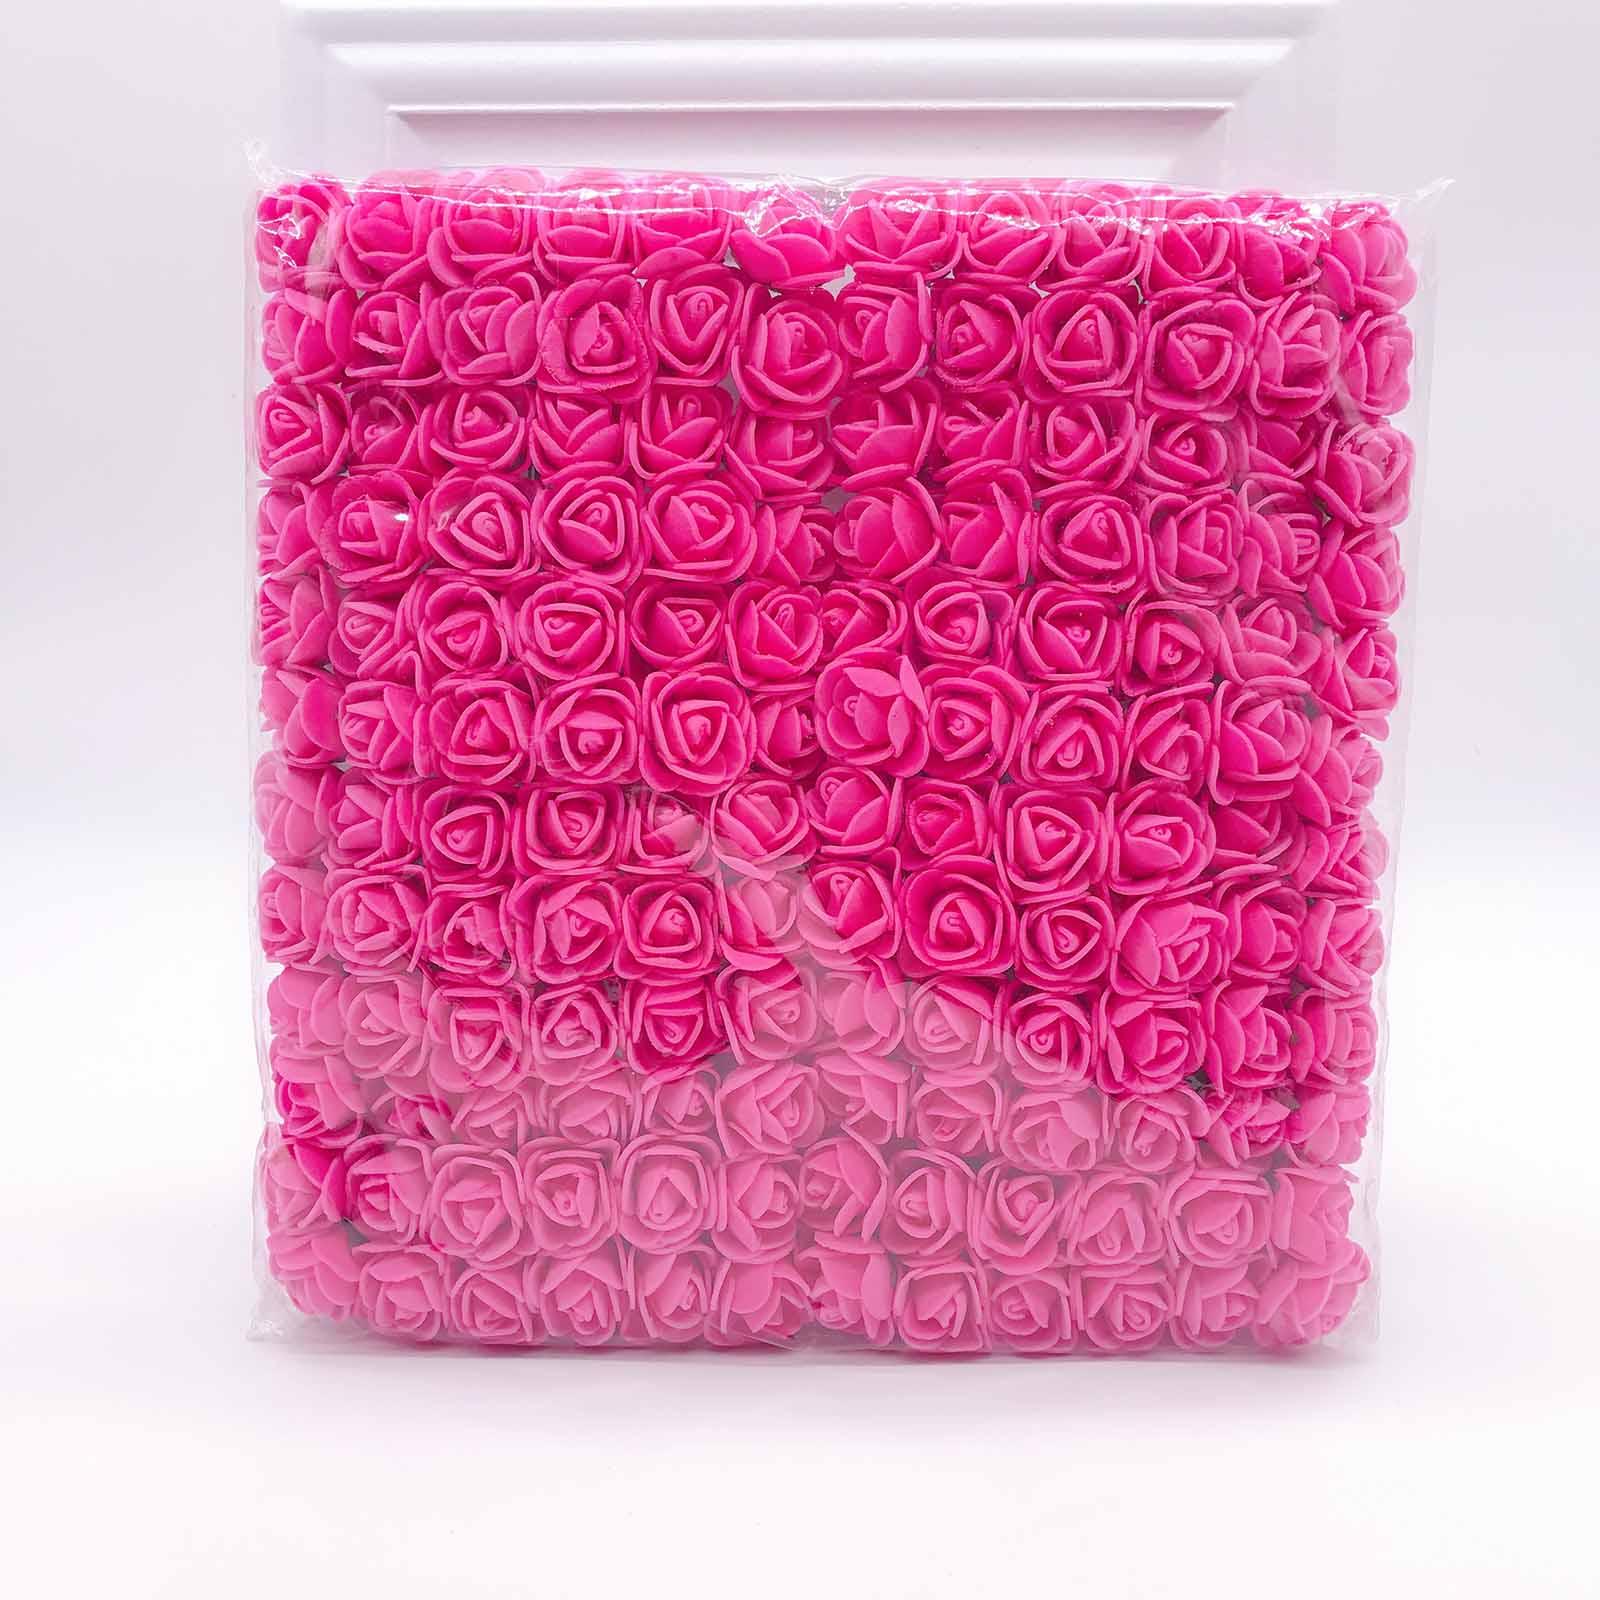 144 шт 2 см мини-розы из пенопласта для дома, свадьбы, искусственные цветы, декорация для скрапбукинга, сделай сам, венок, Подарочная коробка, дешевый искусственный цветок, букет - Цвет: Rose red